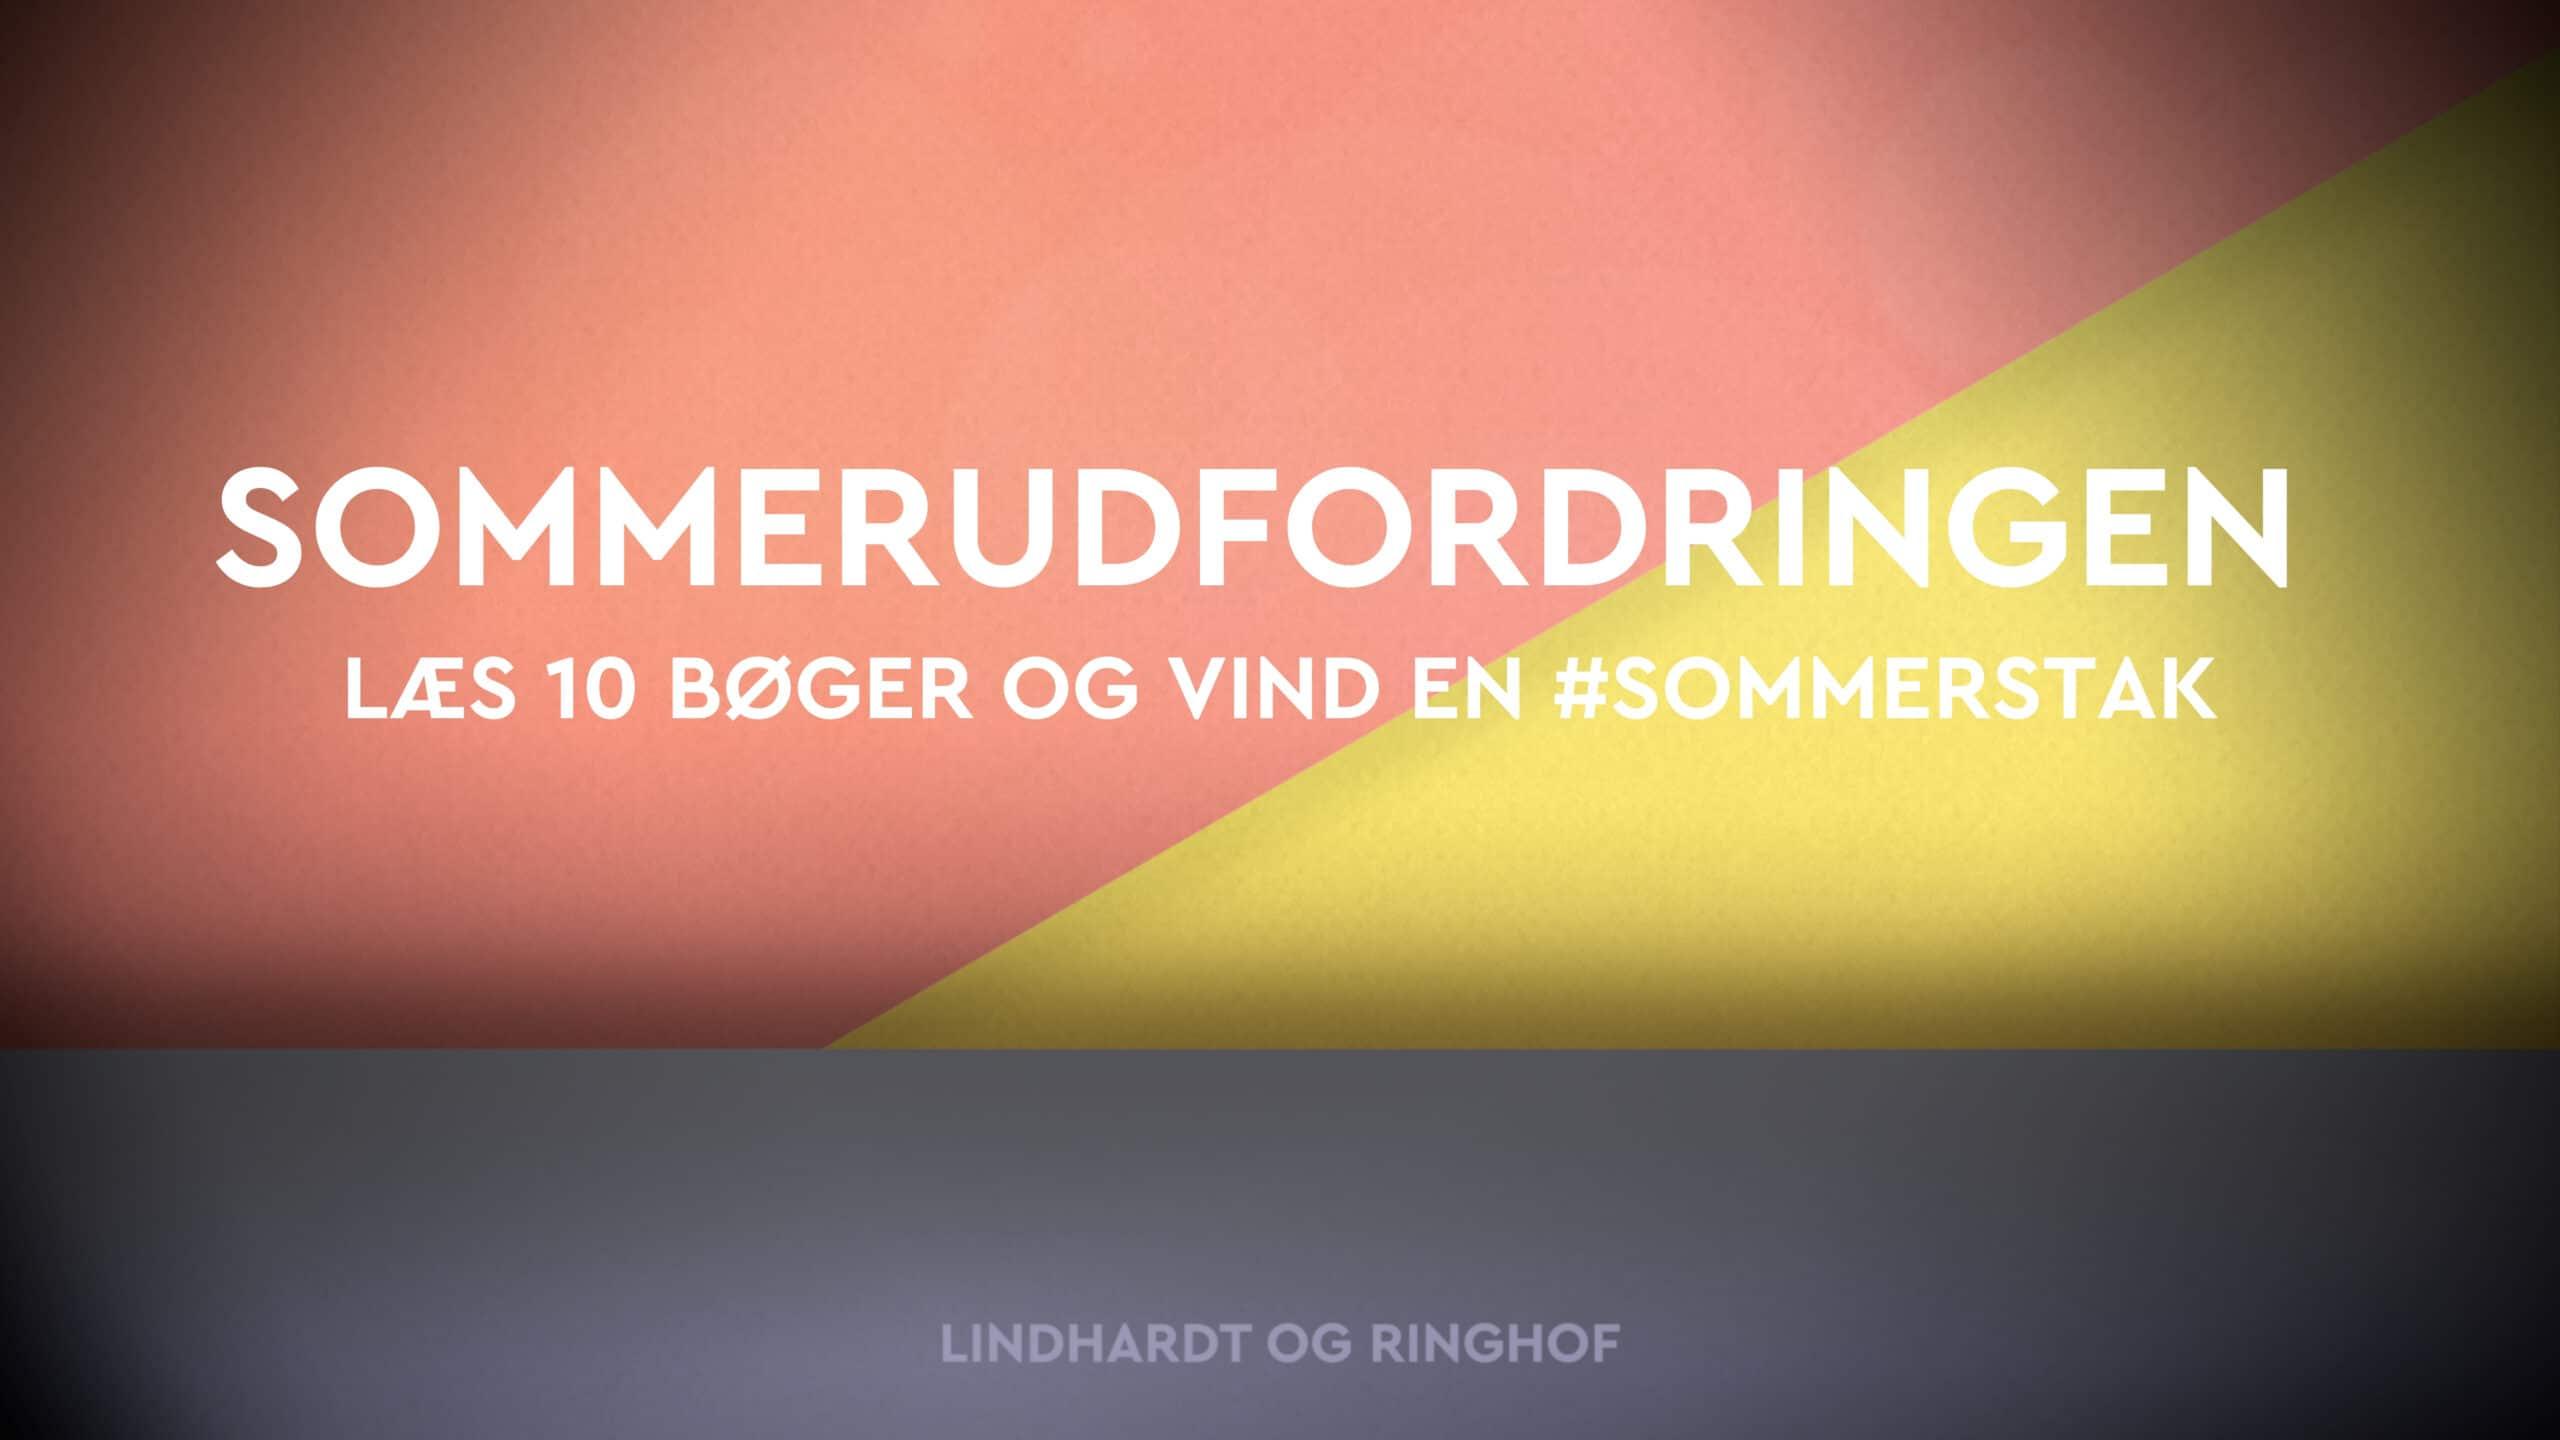 sommerboger, lindhardt og ringhof, laeseudfordring